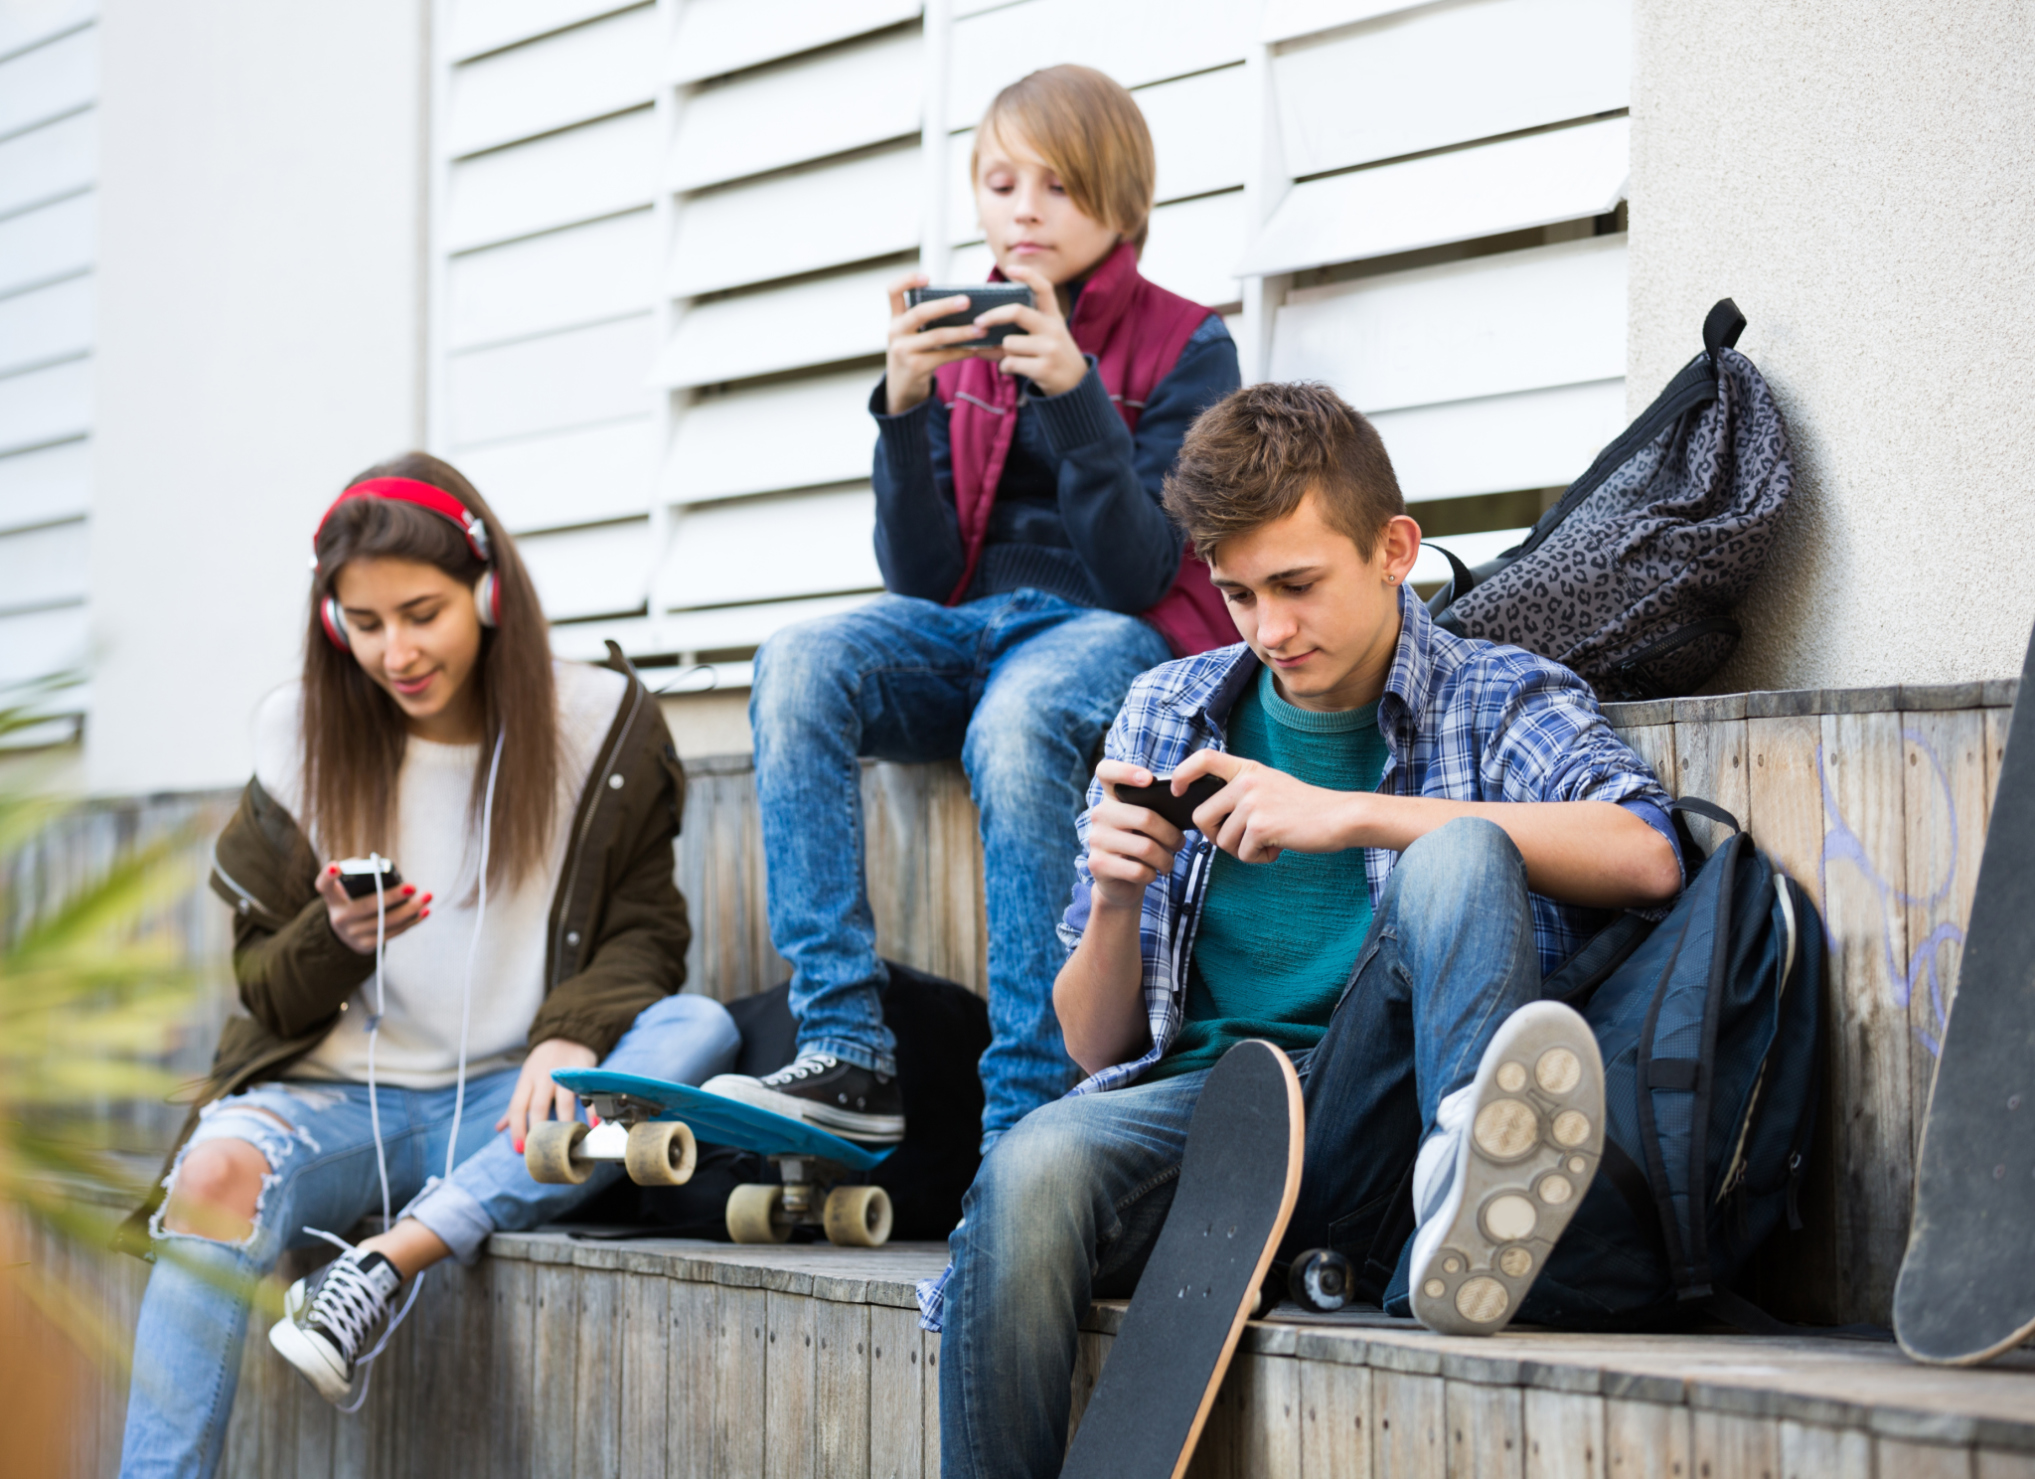 картинки про молодых парней